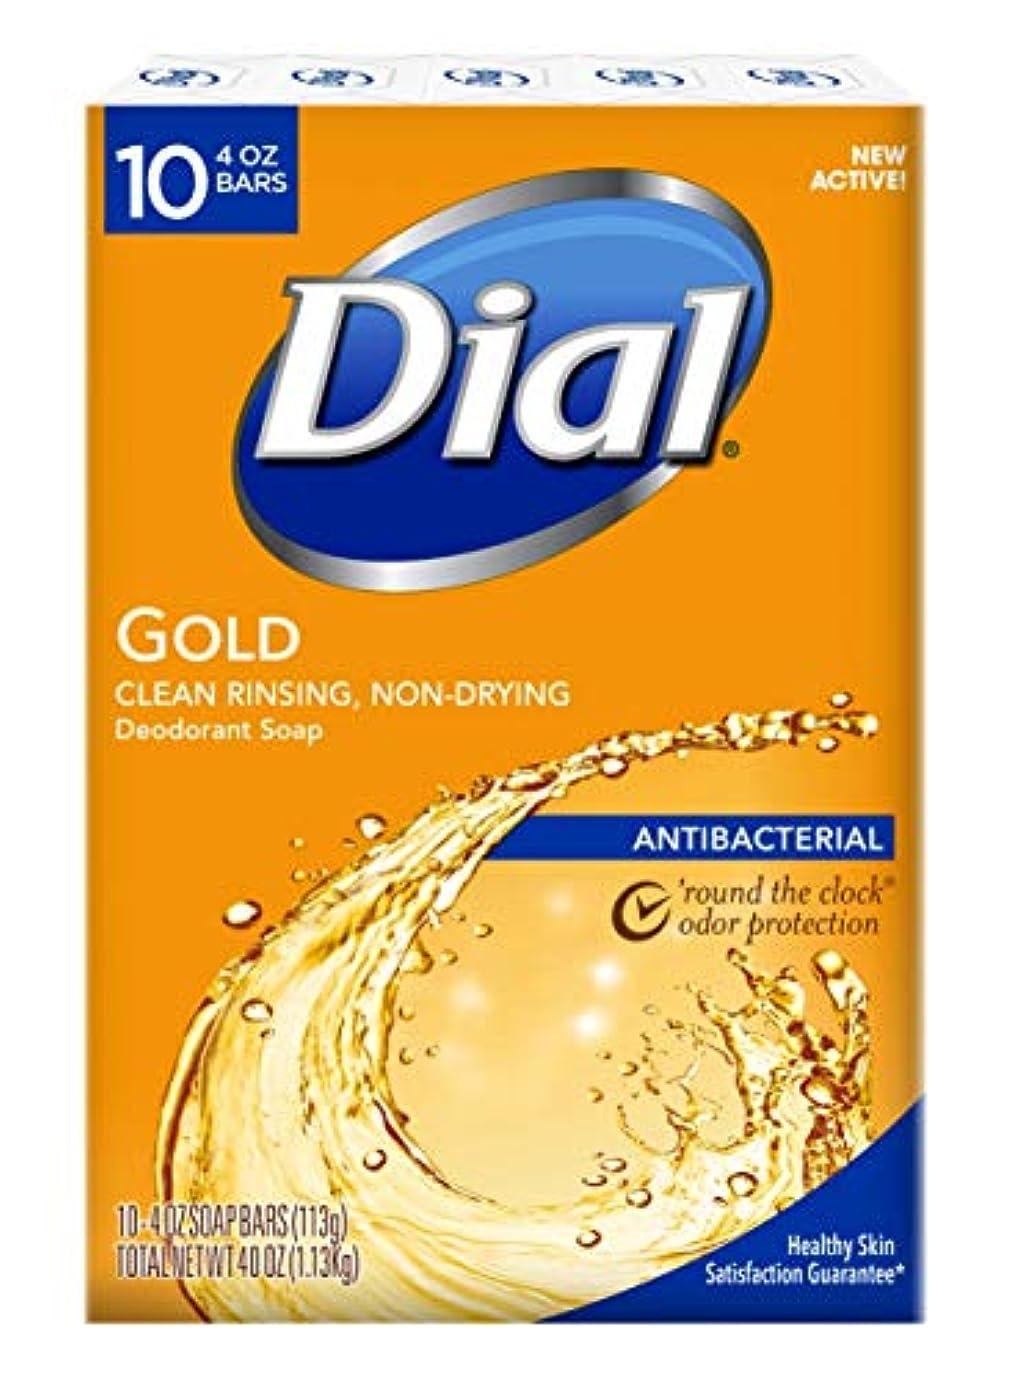 ネイティブ賛辞マイクロDial Antibacterial Deodorant Bar Soap, Gold, 4-Ounce Bars, 10 Count (Pack of 3)